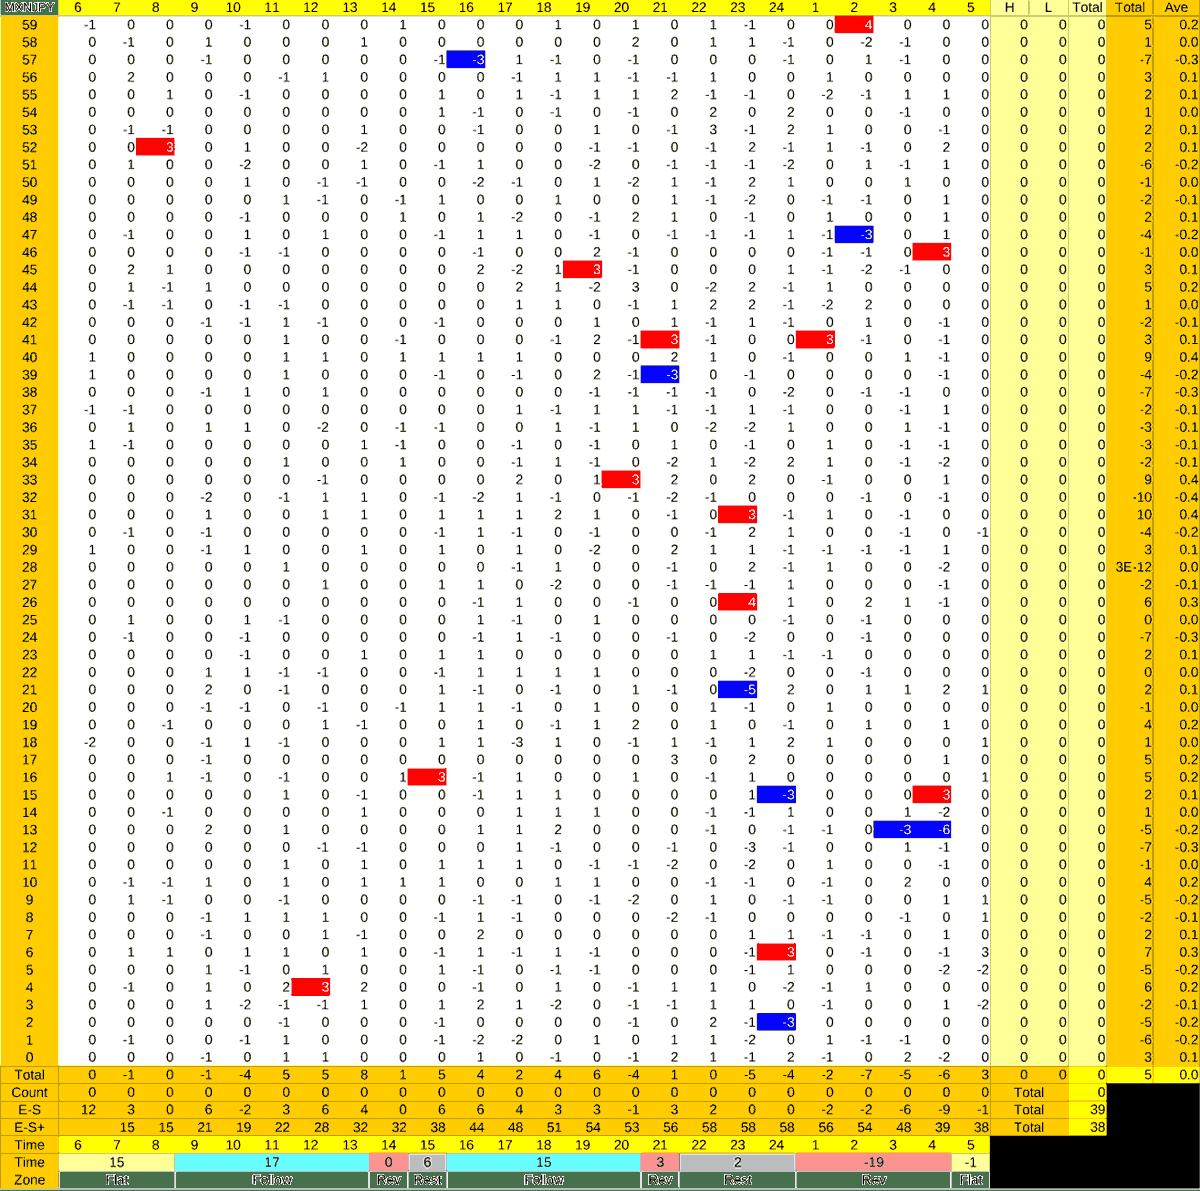 20210716_HS(3)MXNJPY-min